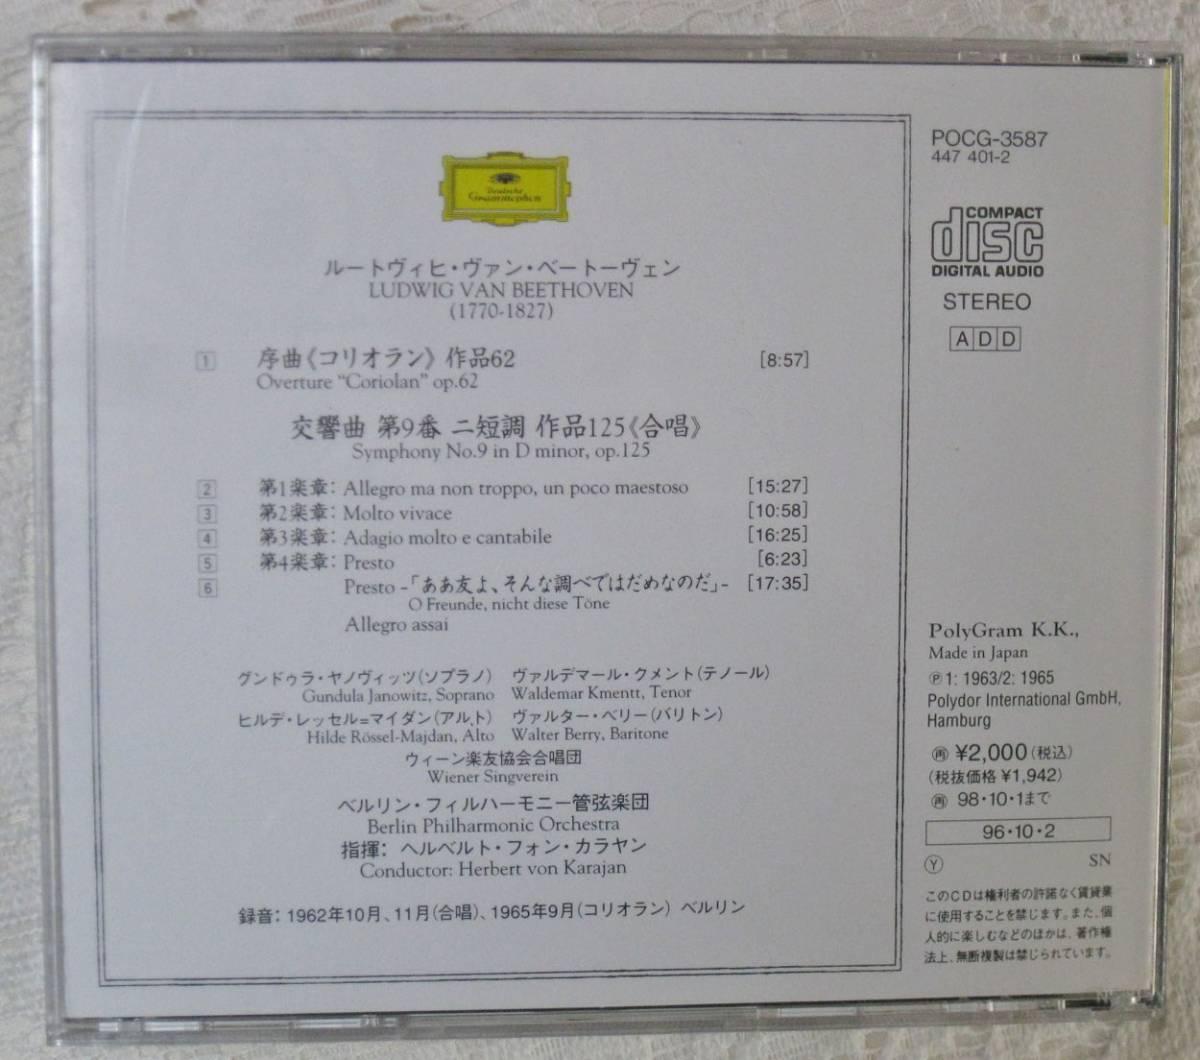 ベートーヴェン 交響曲第9番 合唱 指揮 カラヤン 演奏 ベルリンフィルハーモニー管弦楽団_画像2